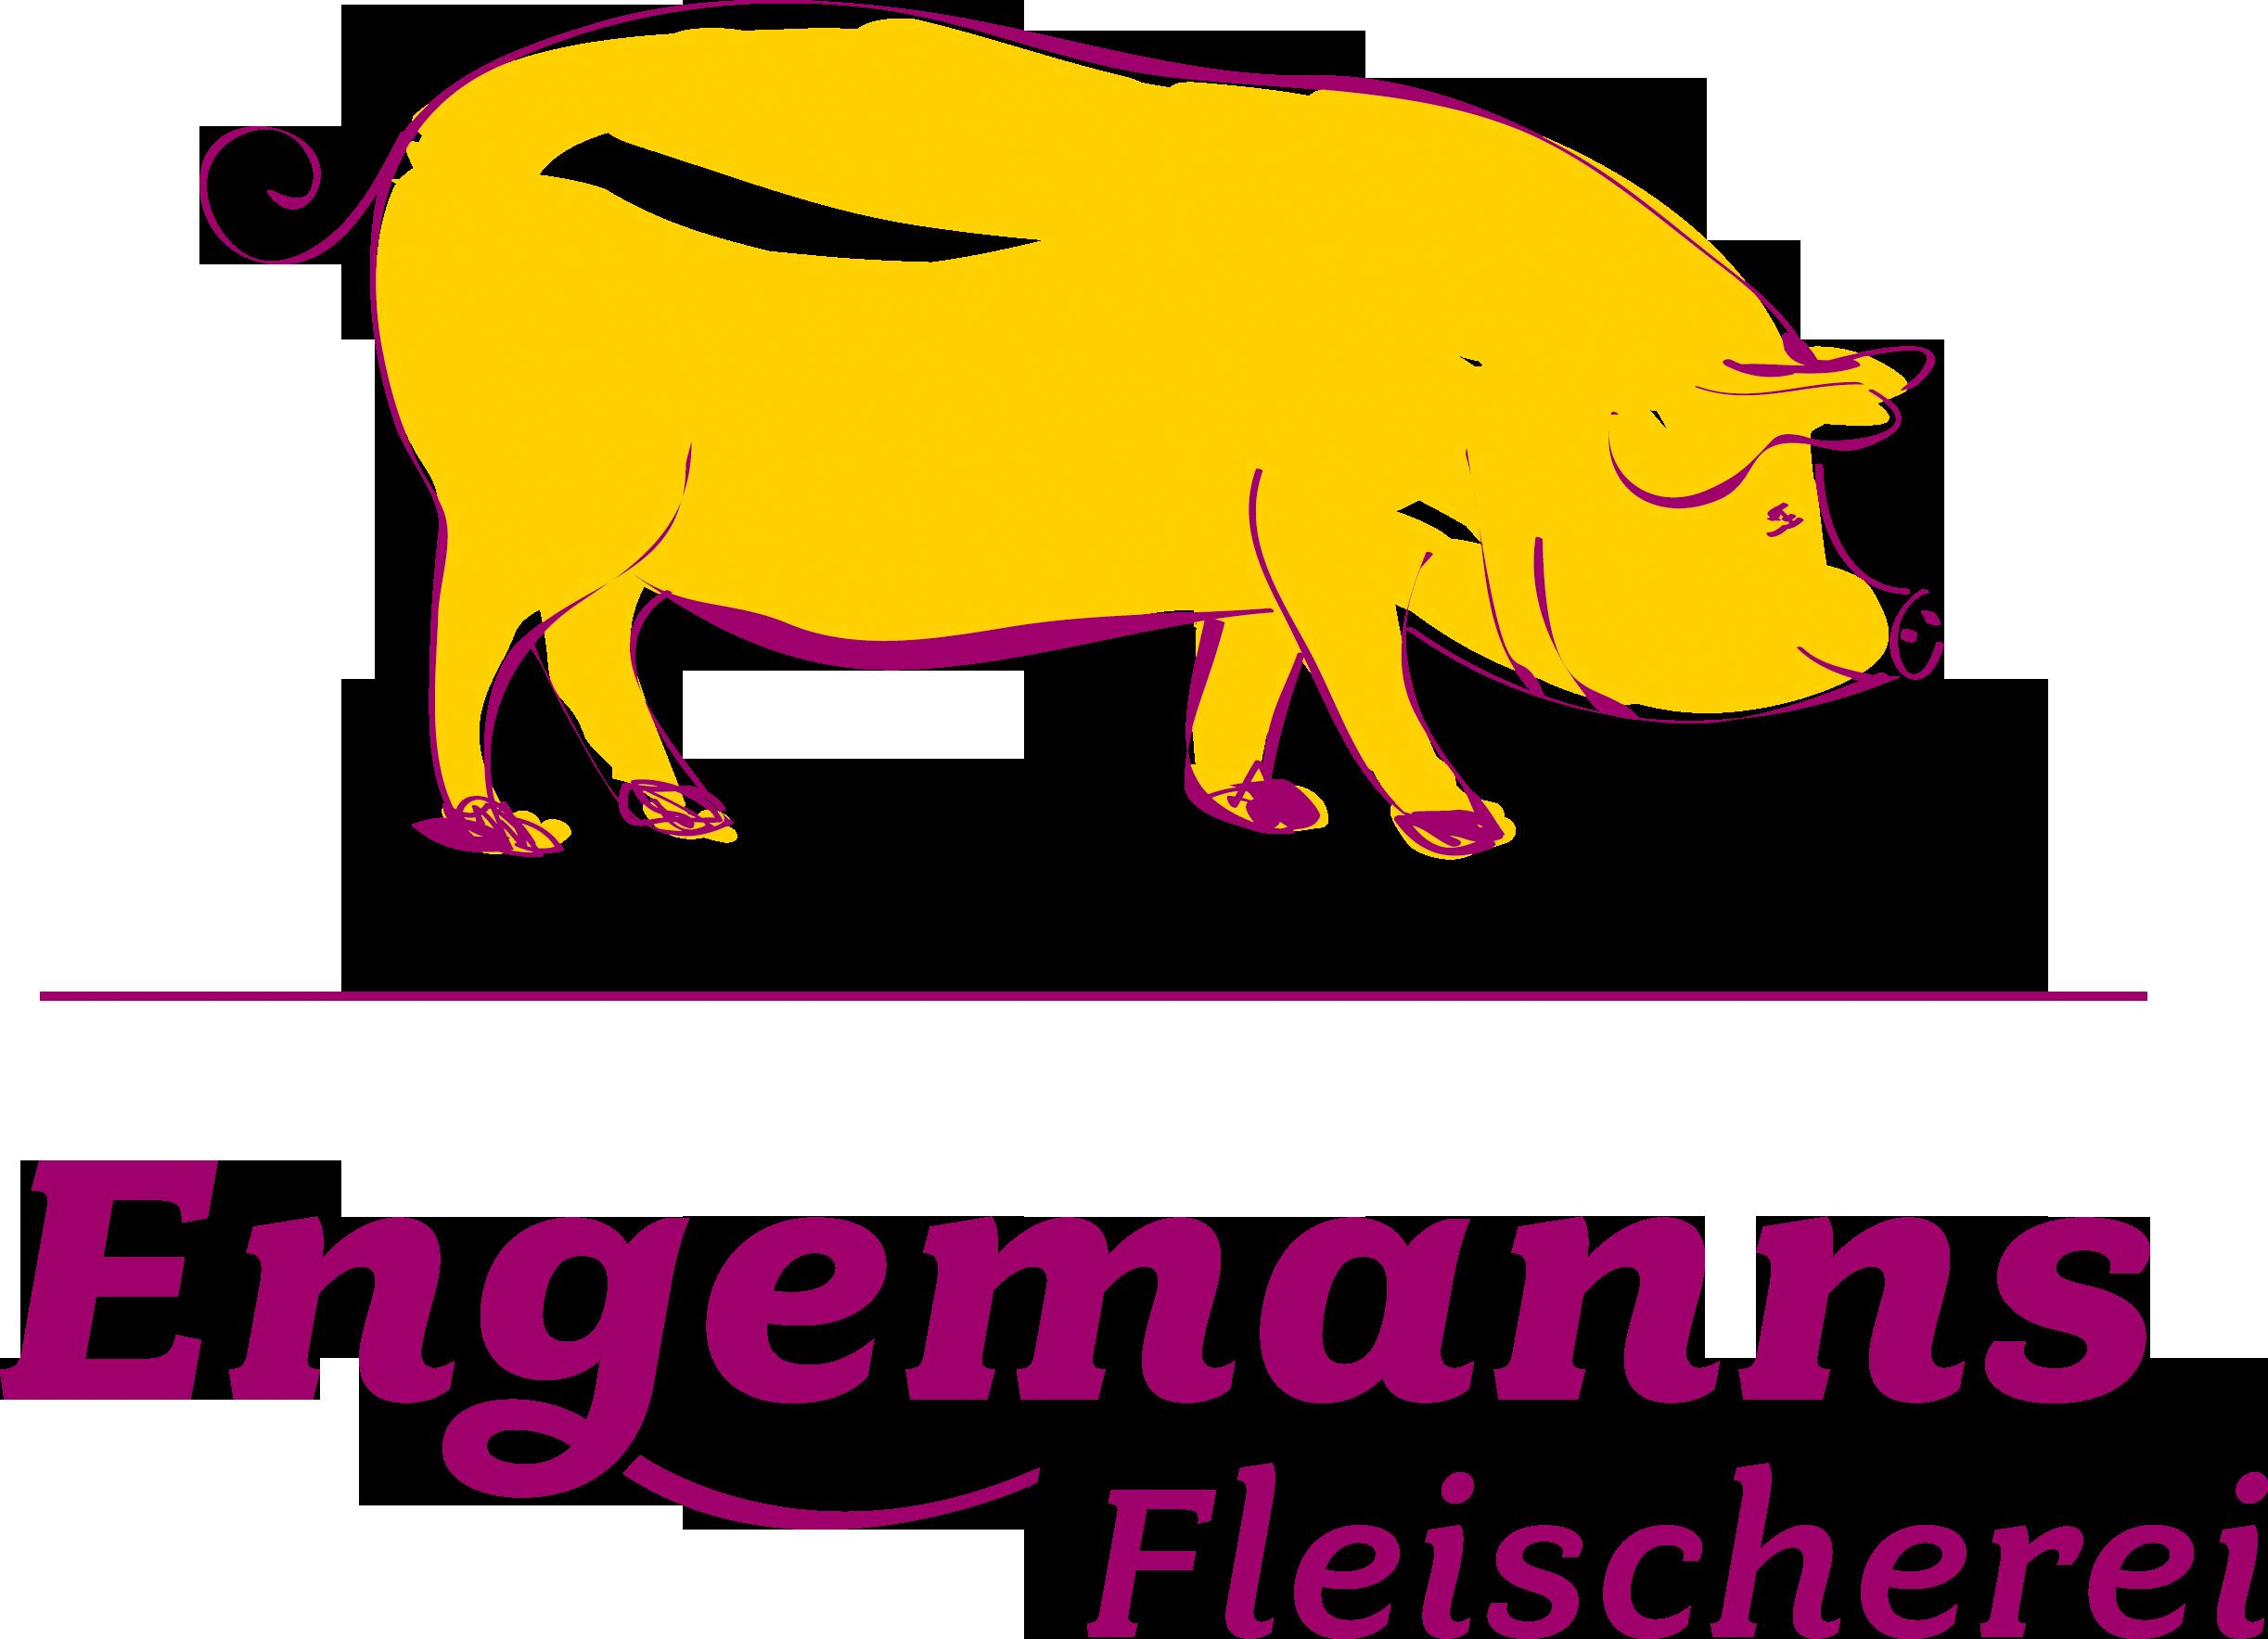 Engemanns Fleischerei